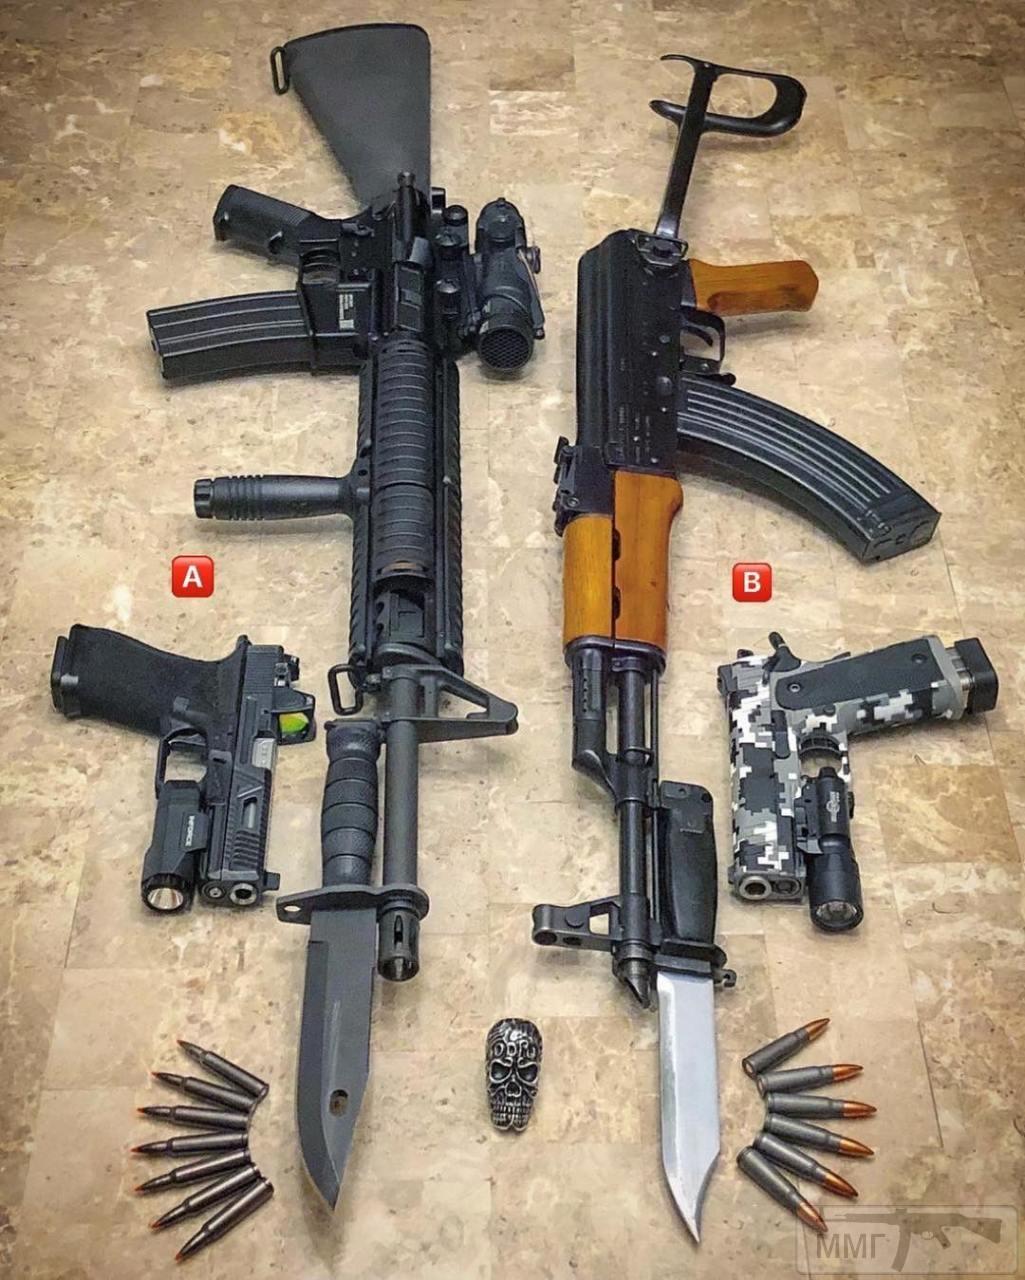 94433 - Фототема Стрелковое оружие